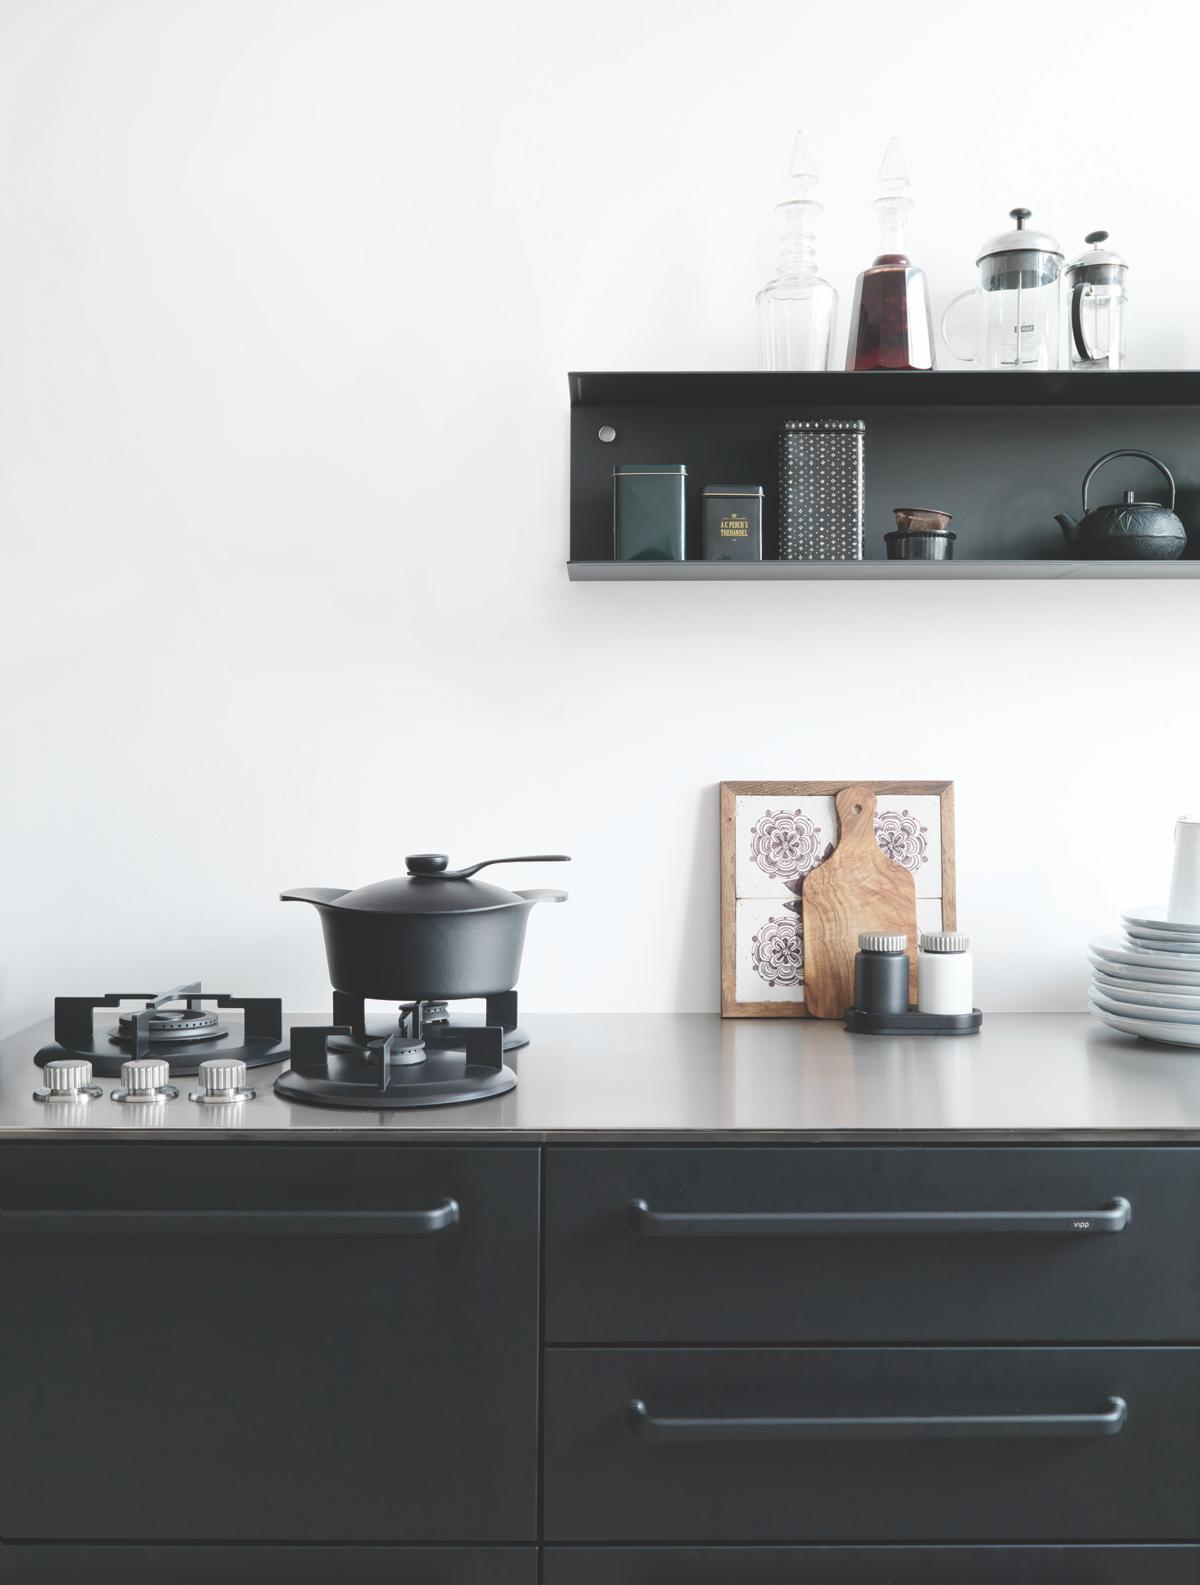 運用鋼鐵、簡潔的廚房設計,已是Vipp的象徵。(森/CASA提供)